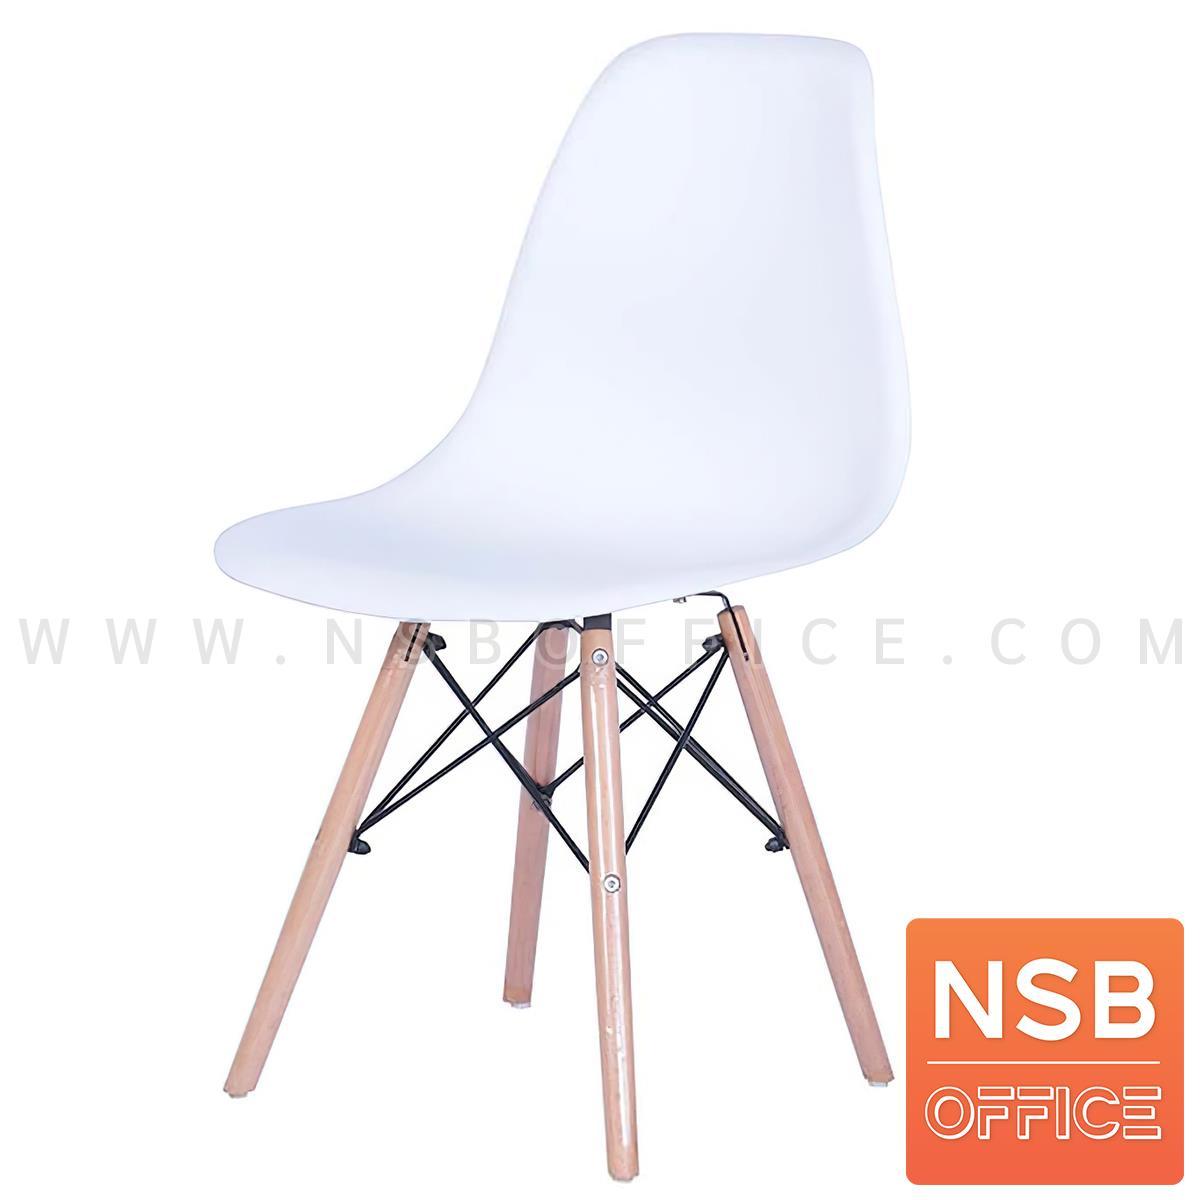 เก้าอี้โมเดิร์นพลาสติก (ABS) รุ่น Carlyle (คาร์ไลล์) ขนาด 46W cm. โครงเหล็กเส้นพ่นดำ ขาไม้สีบีช